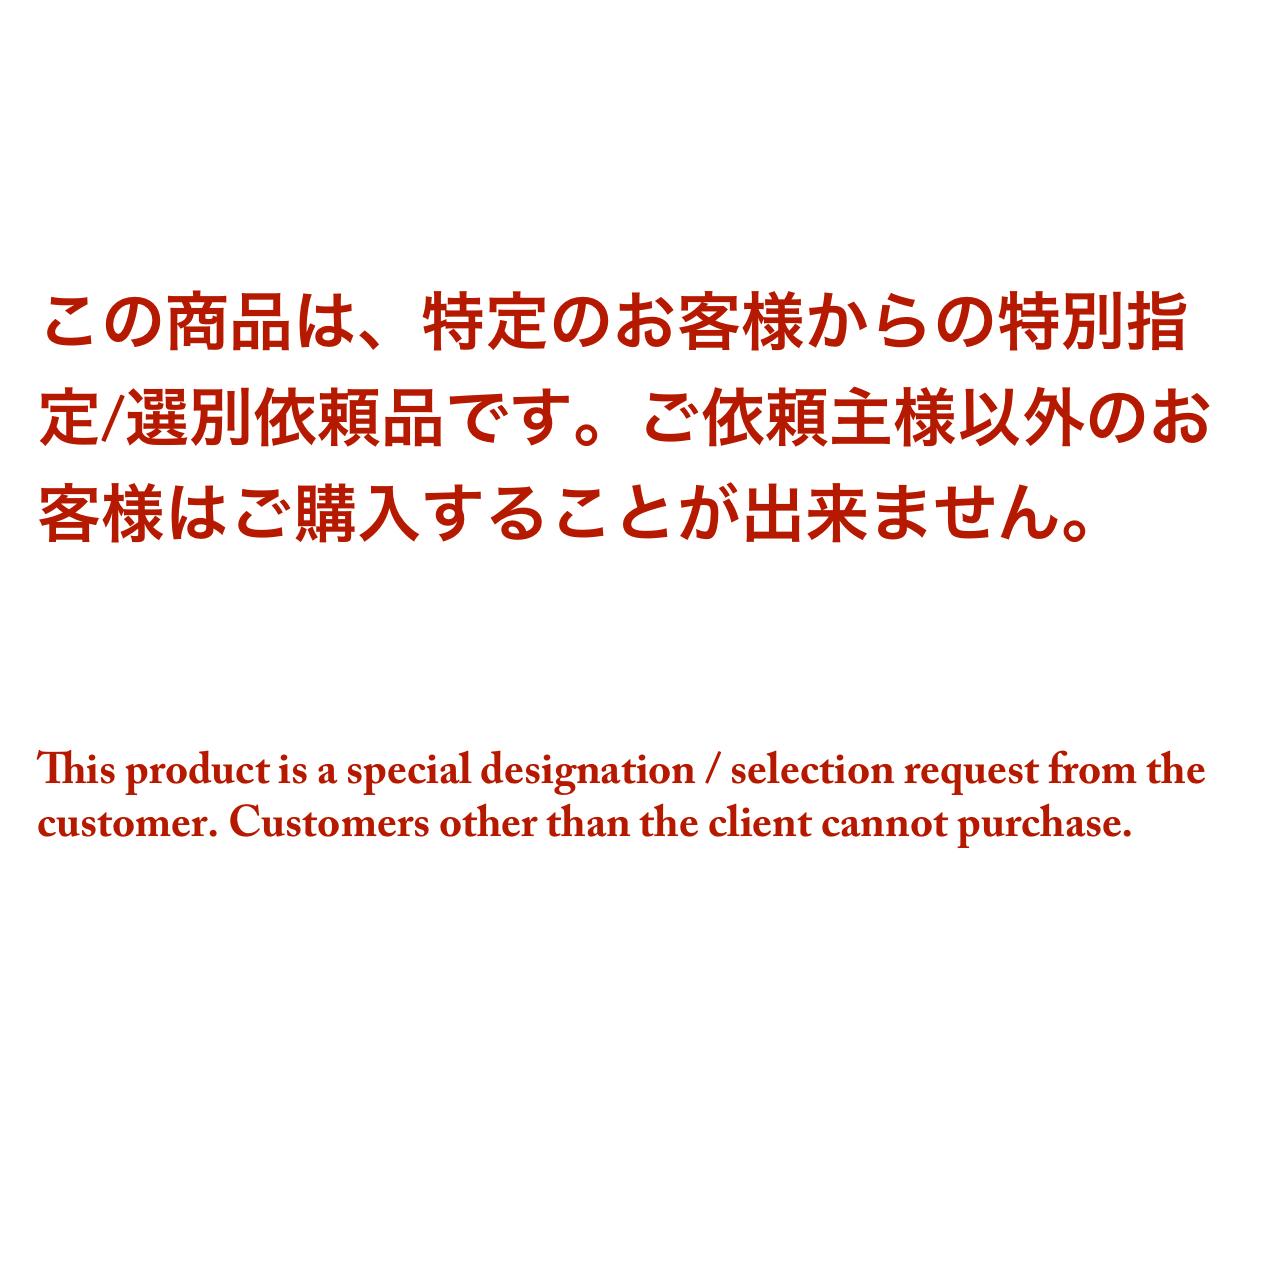 特定顧客商品MS20210713